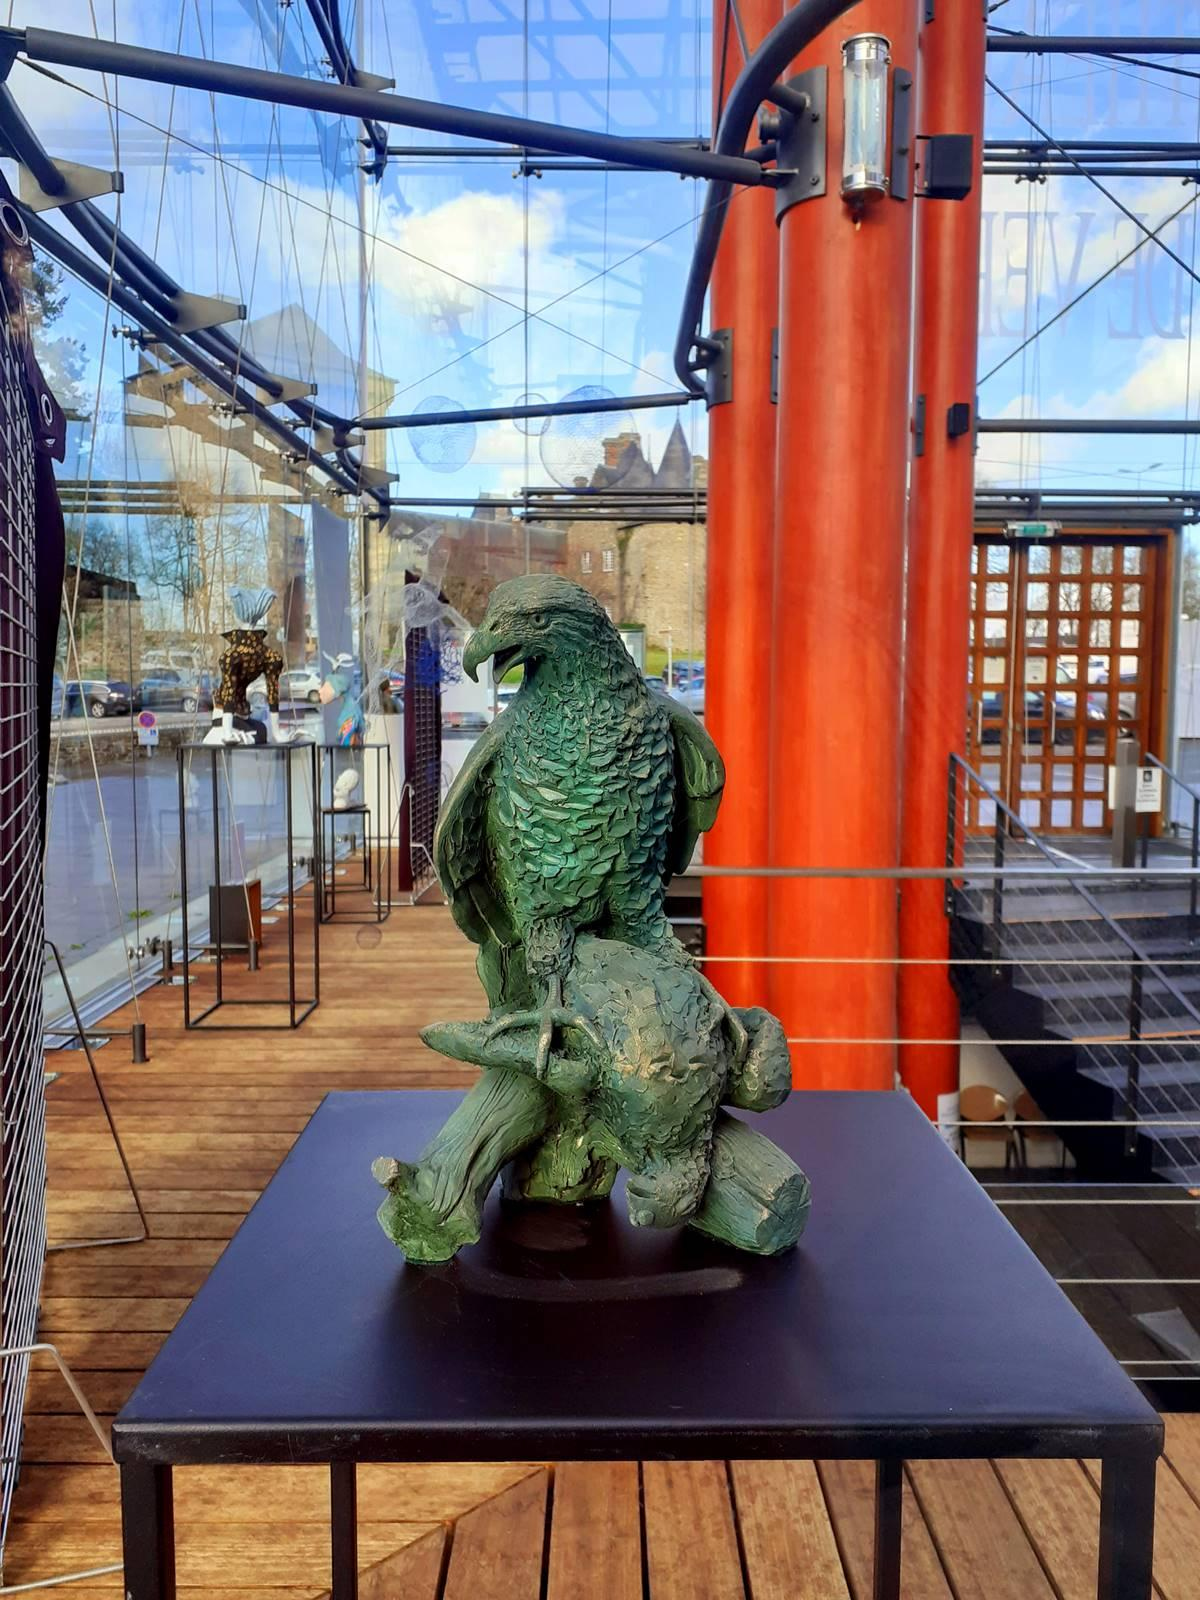 Exposition art chateaubriant loire atlantique20210316 195132